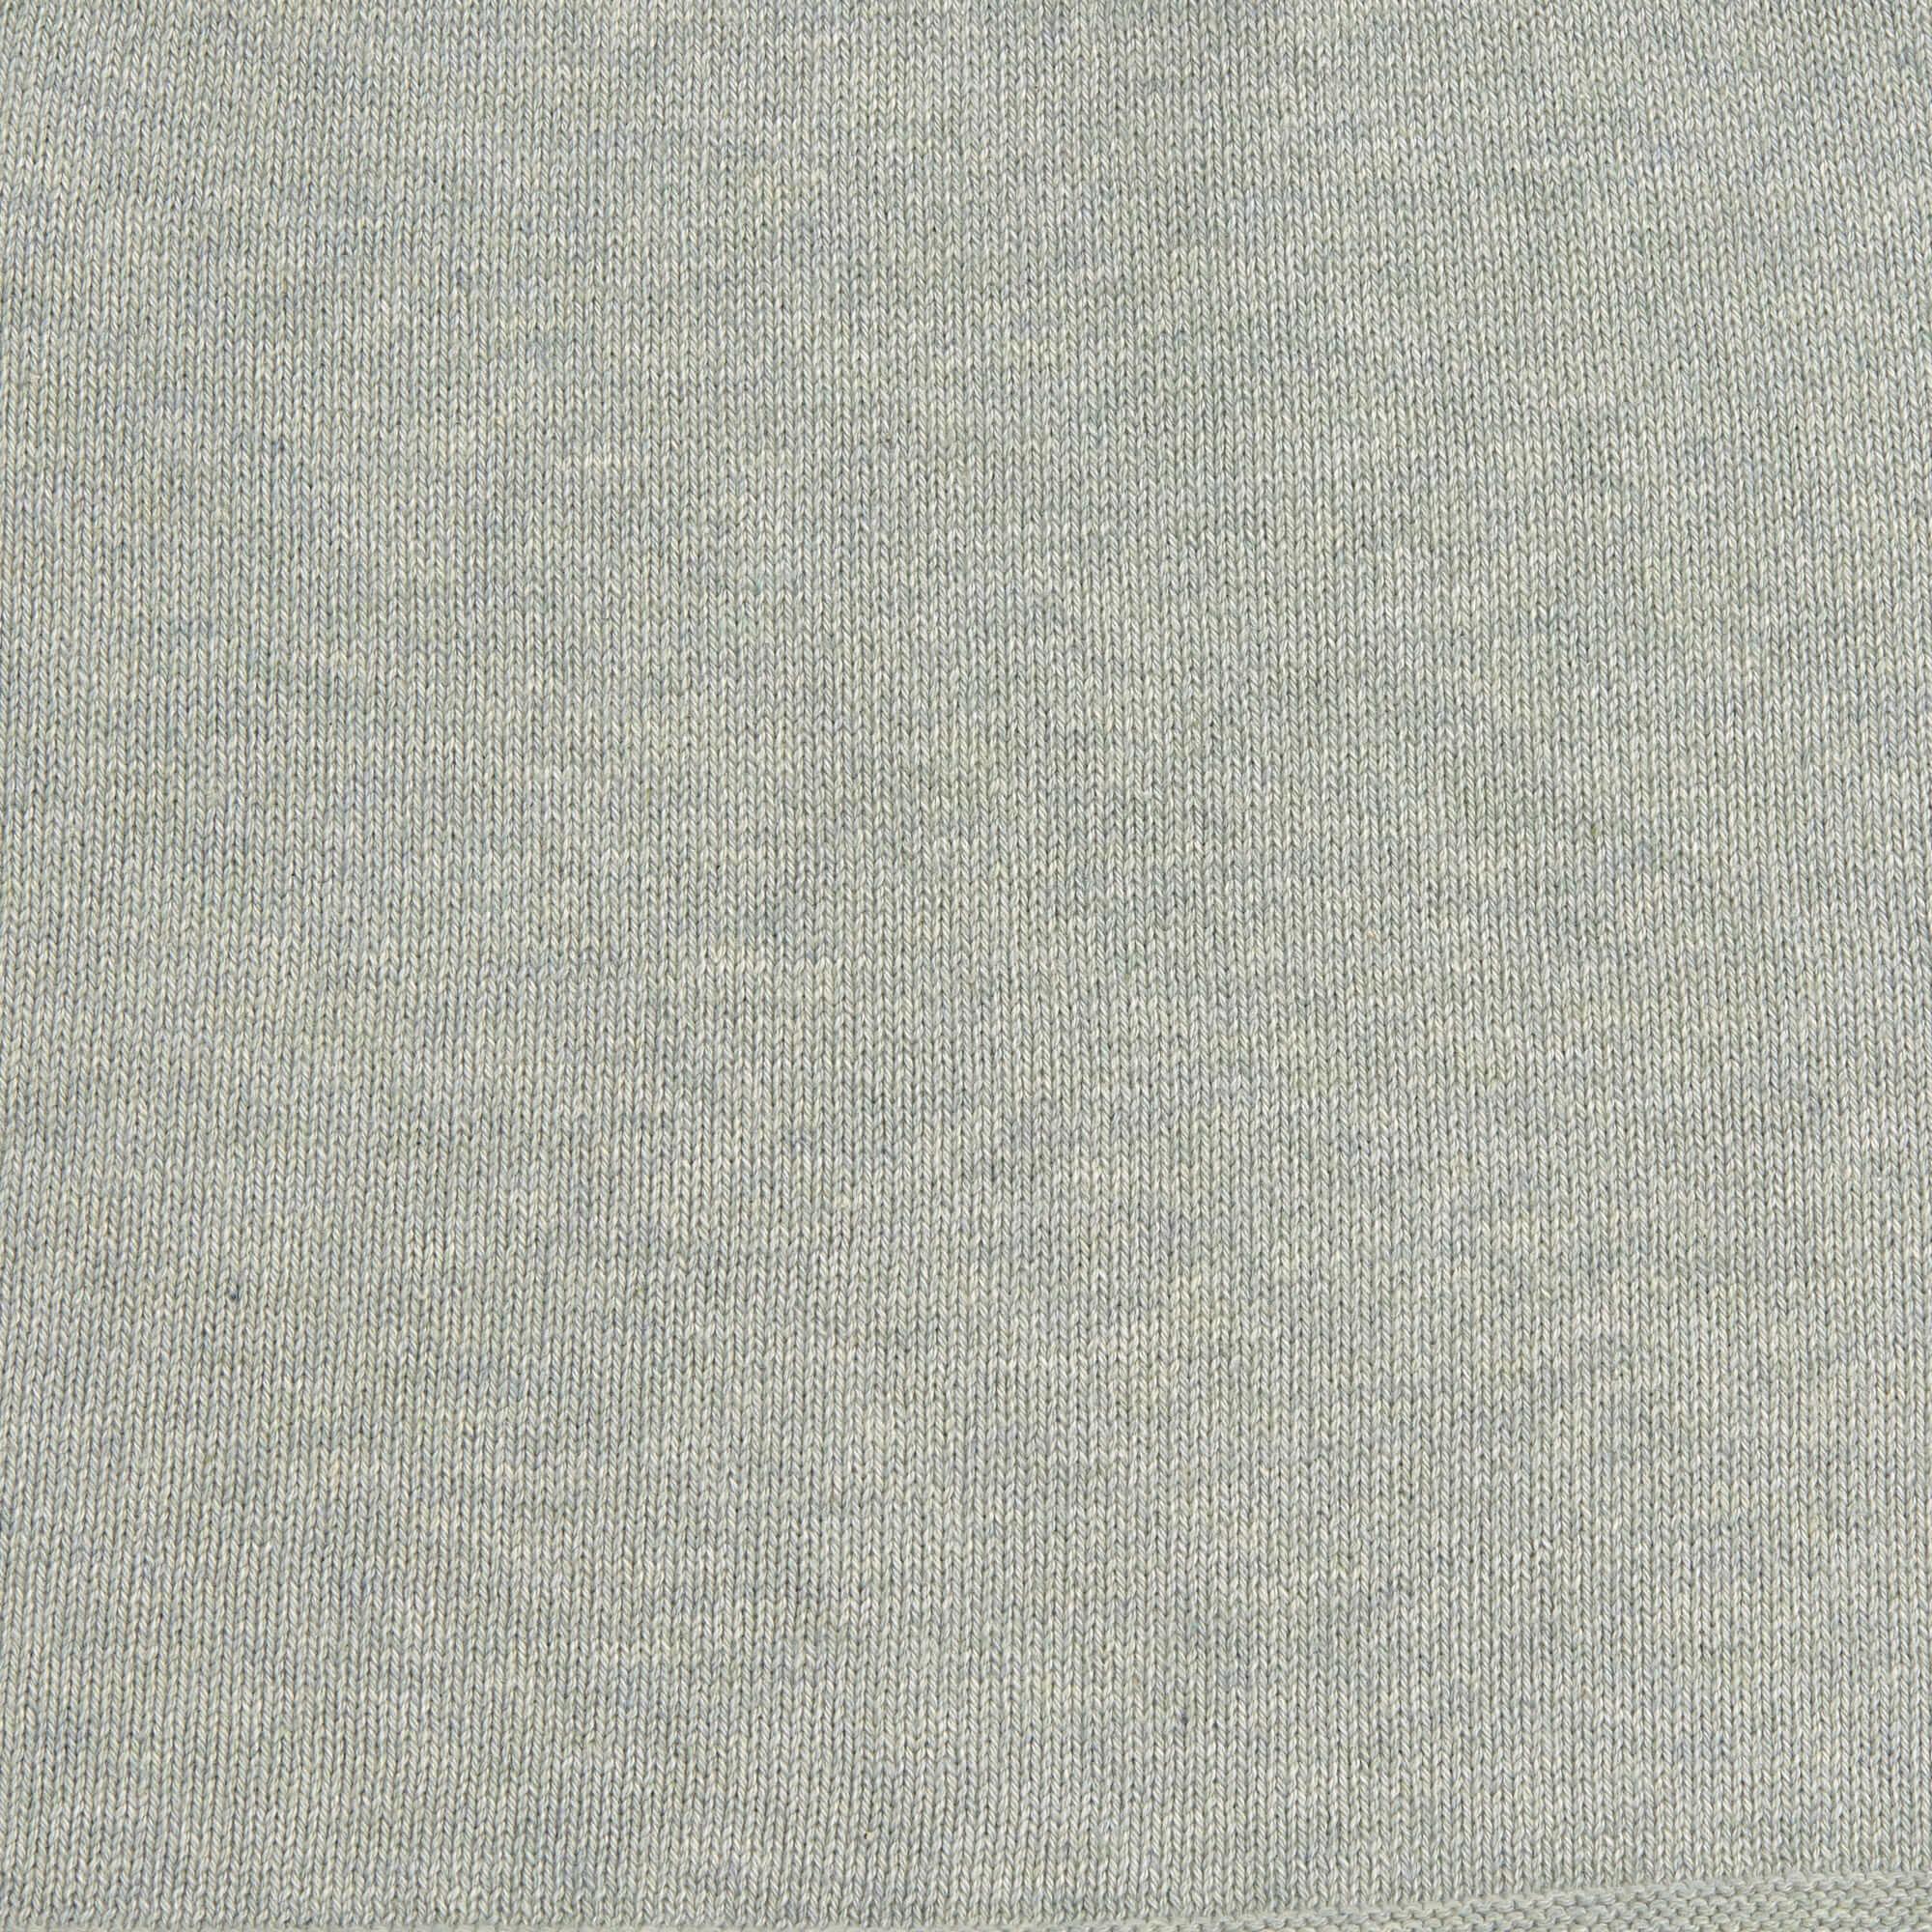 Broek  Lassig 0-1M-3